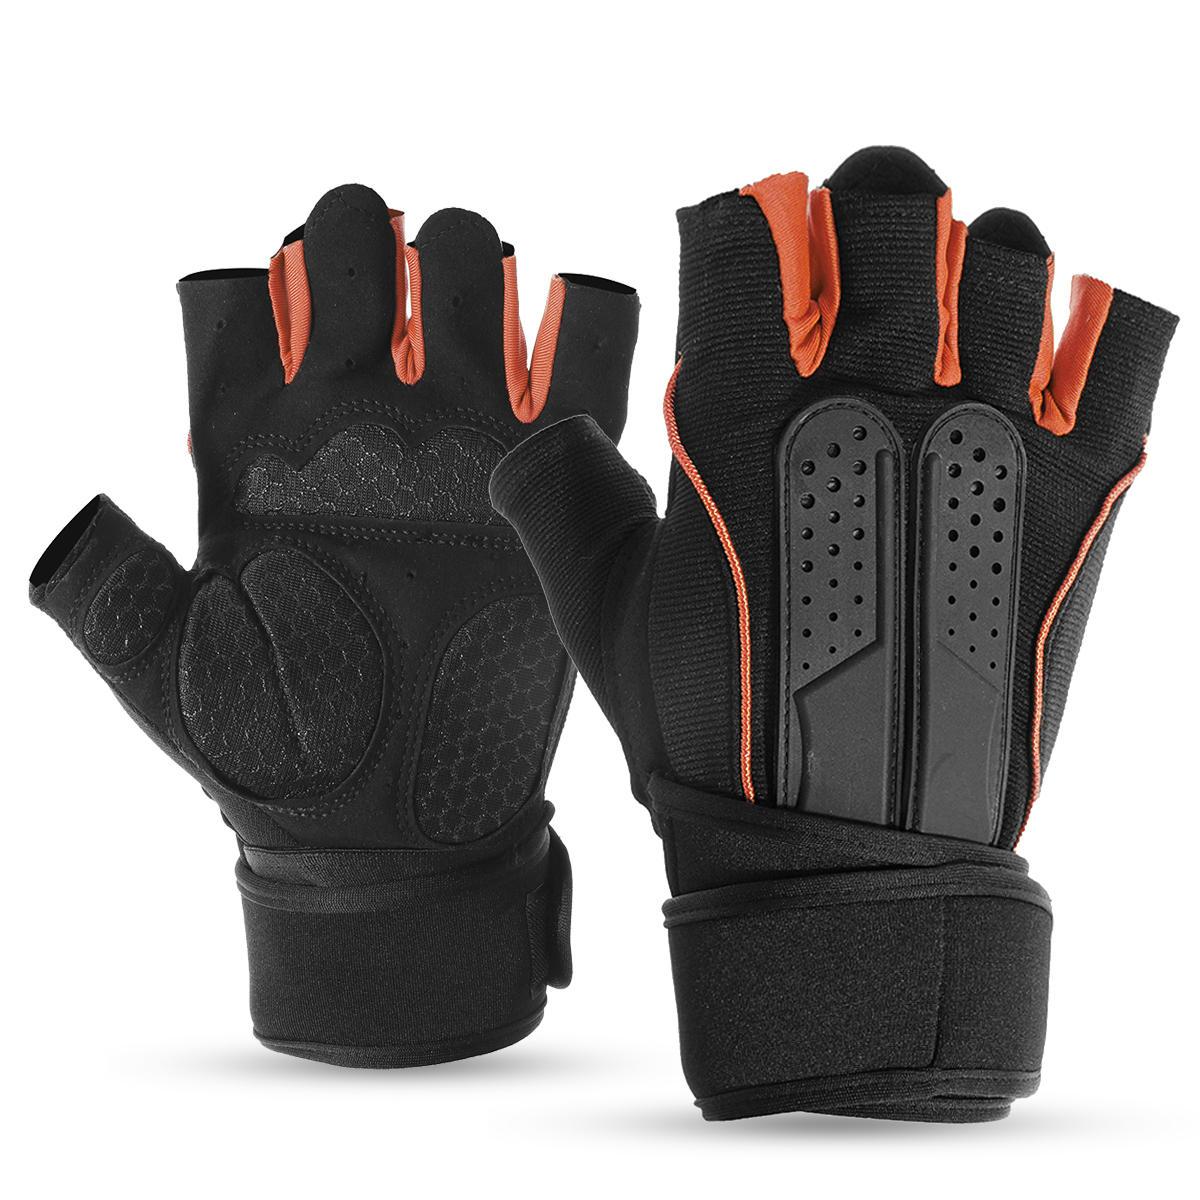 Half Finger Racing Trọng lượng nâng Găng tay tập thể dục Tập luyện quấn cổ tay Thể dục Tập thể dục Tập thể dục